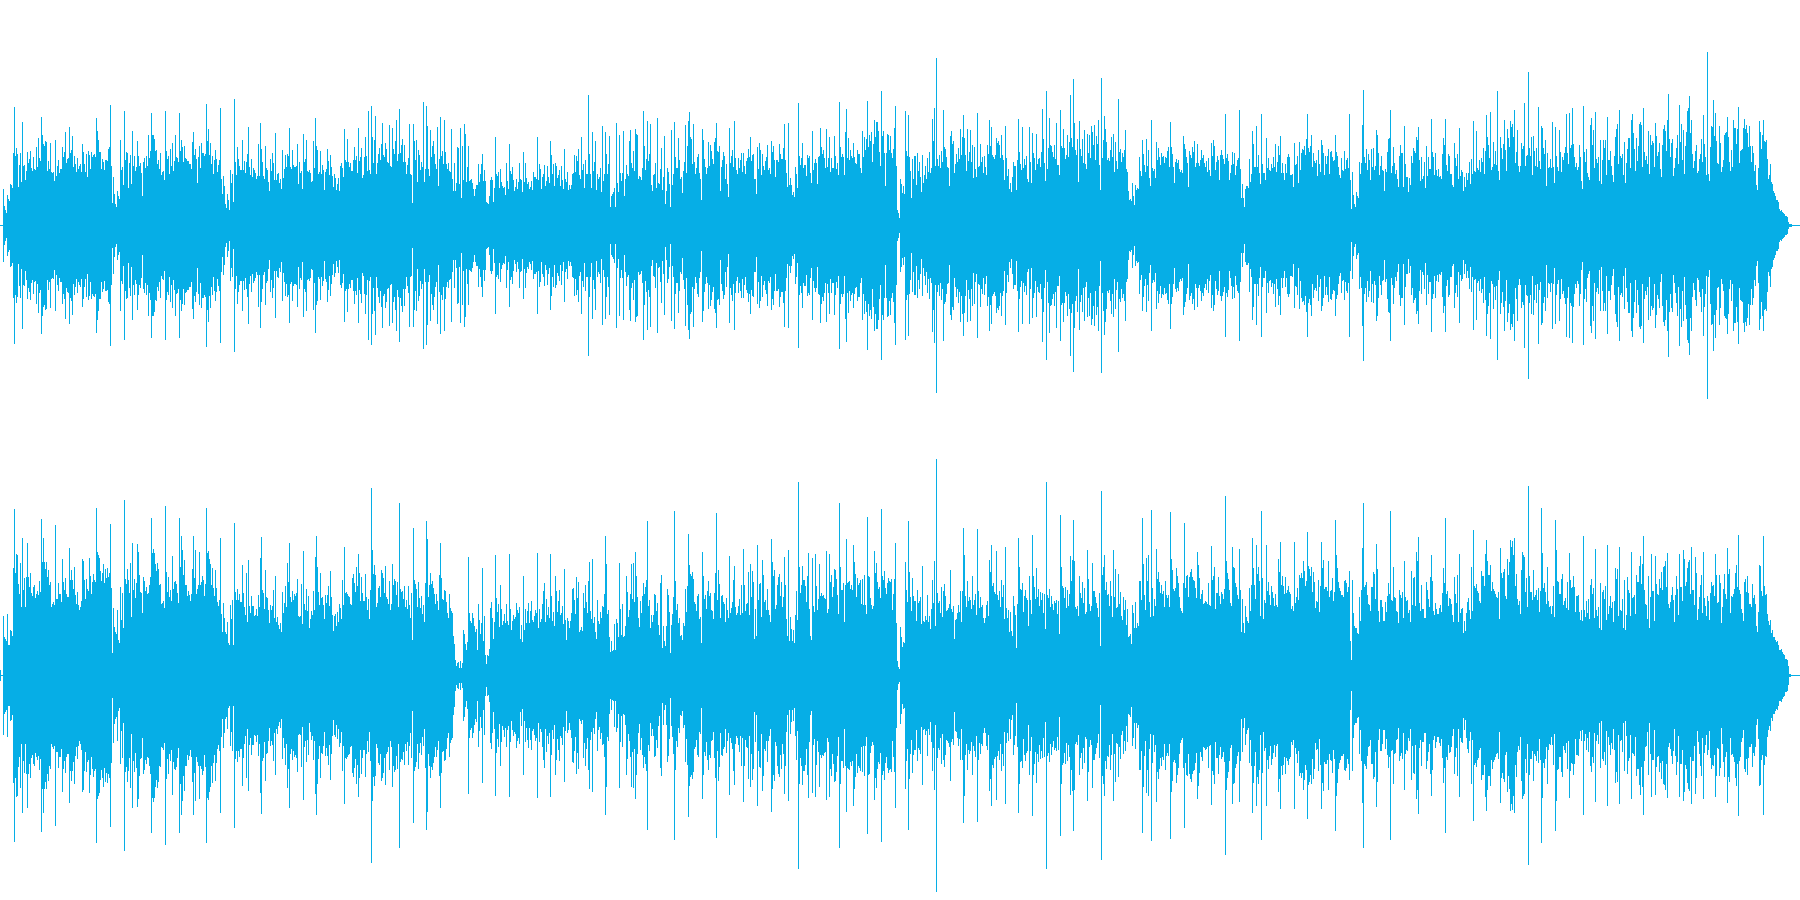 スムースジャズ風インストの再生済みの波形